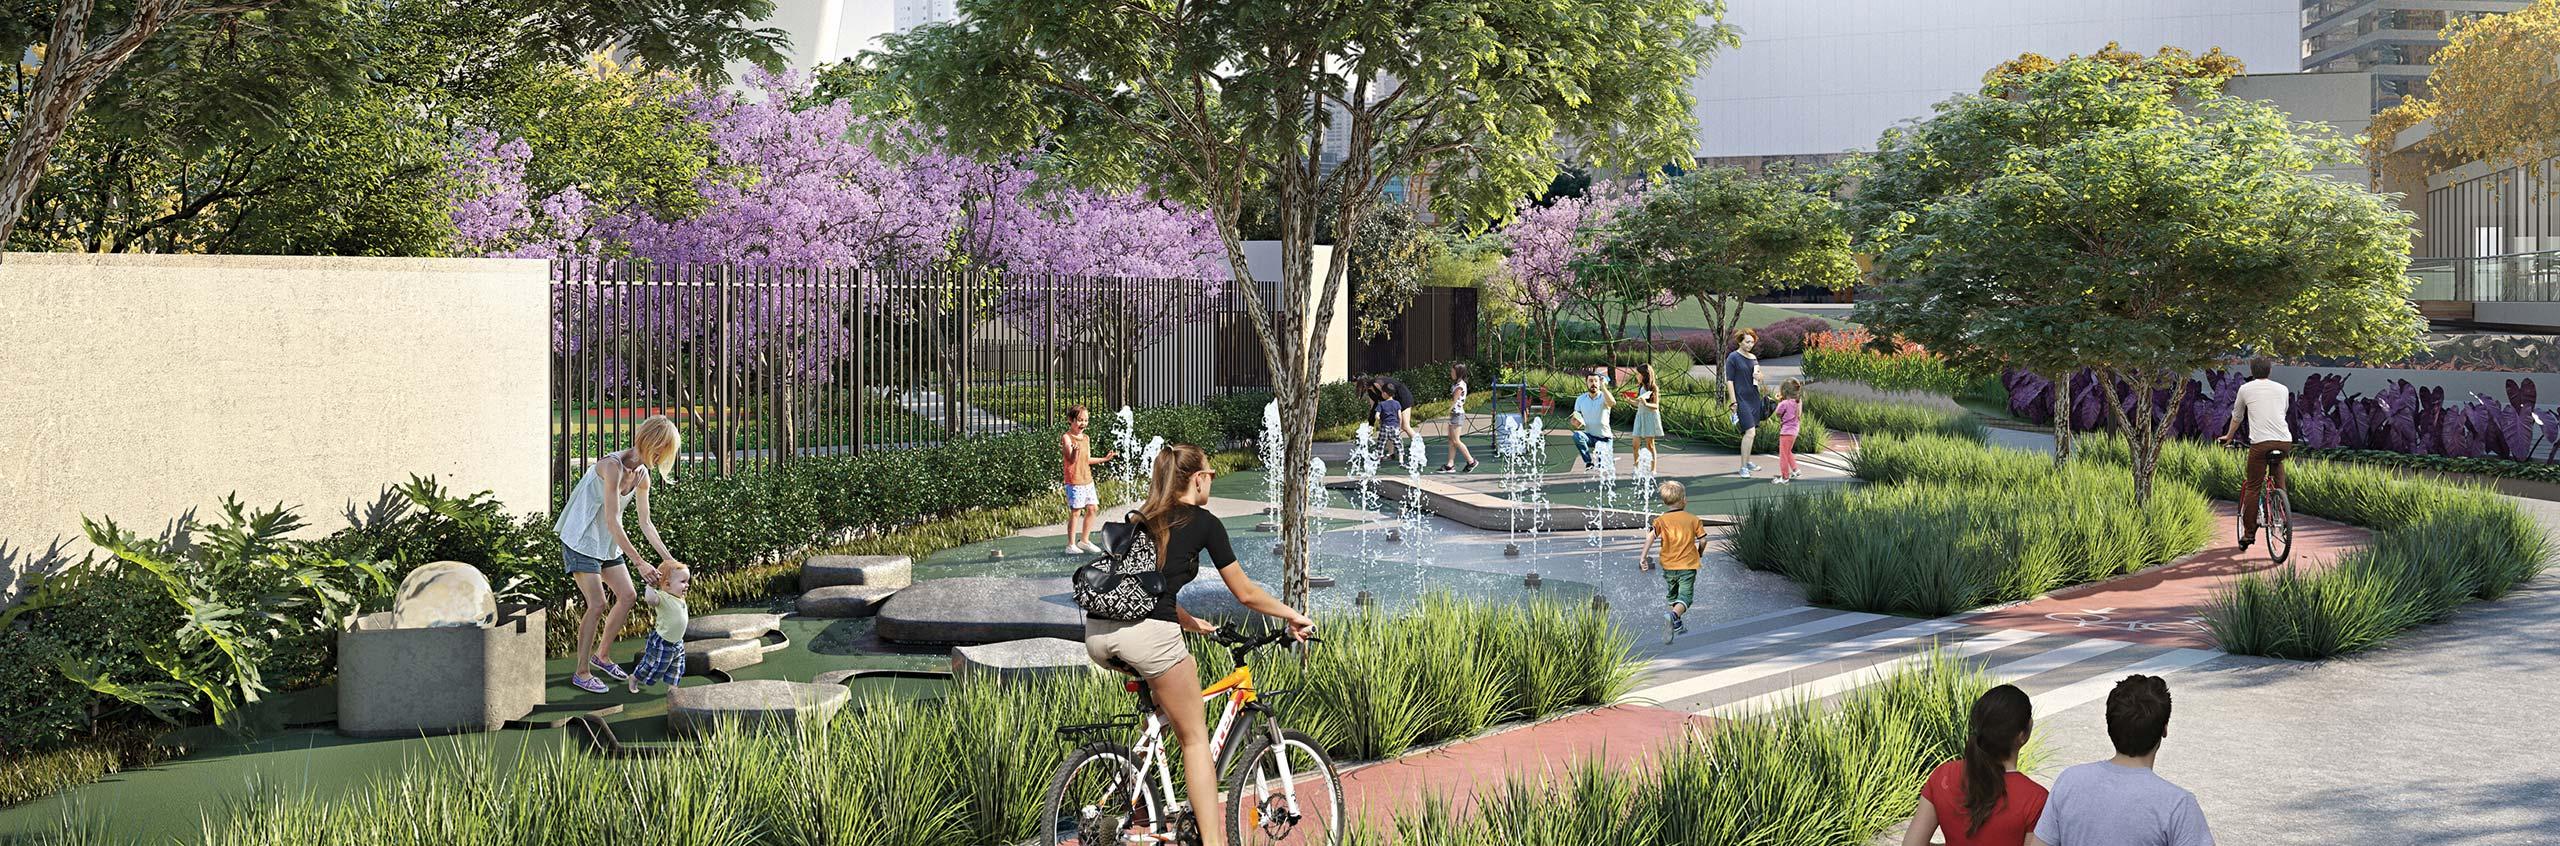 Ez Parque da Cidade - Atendimento Especializado (11) 4116-9995 | 98026-0864